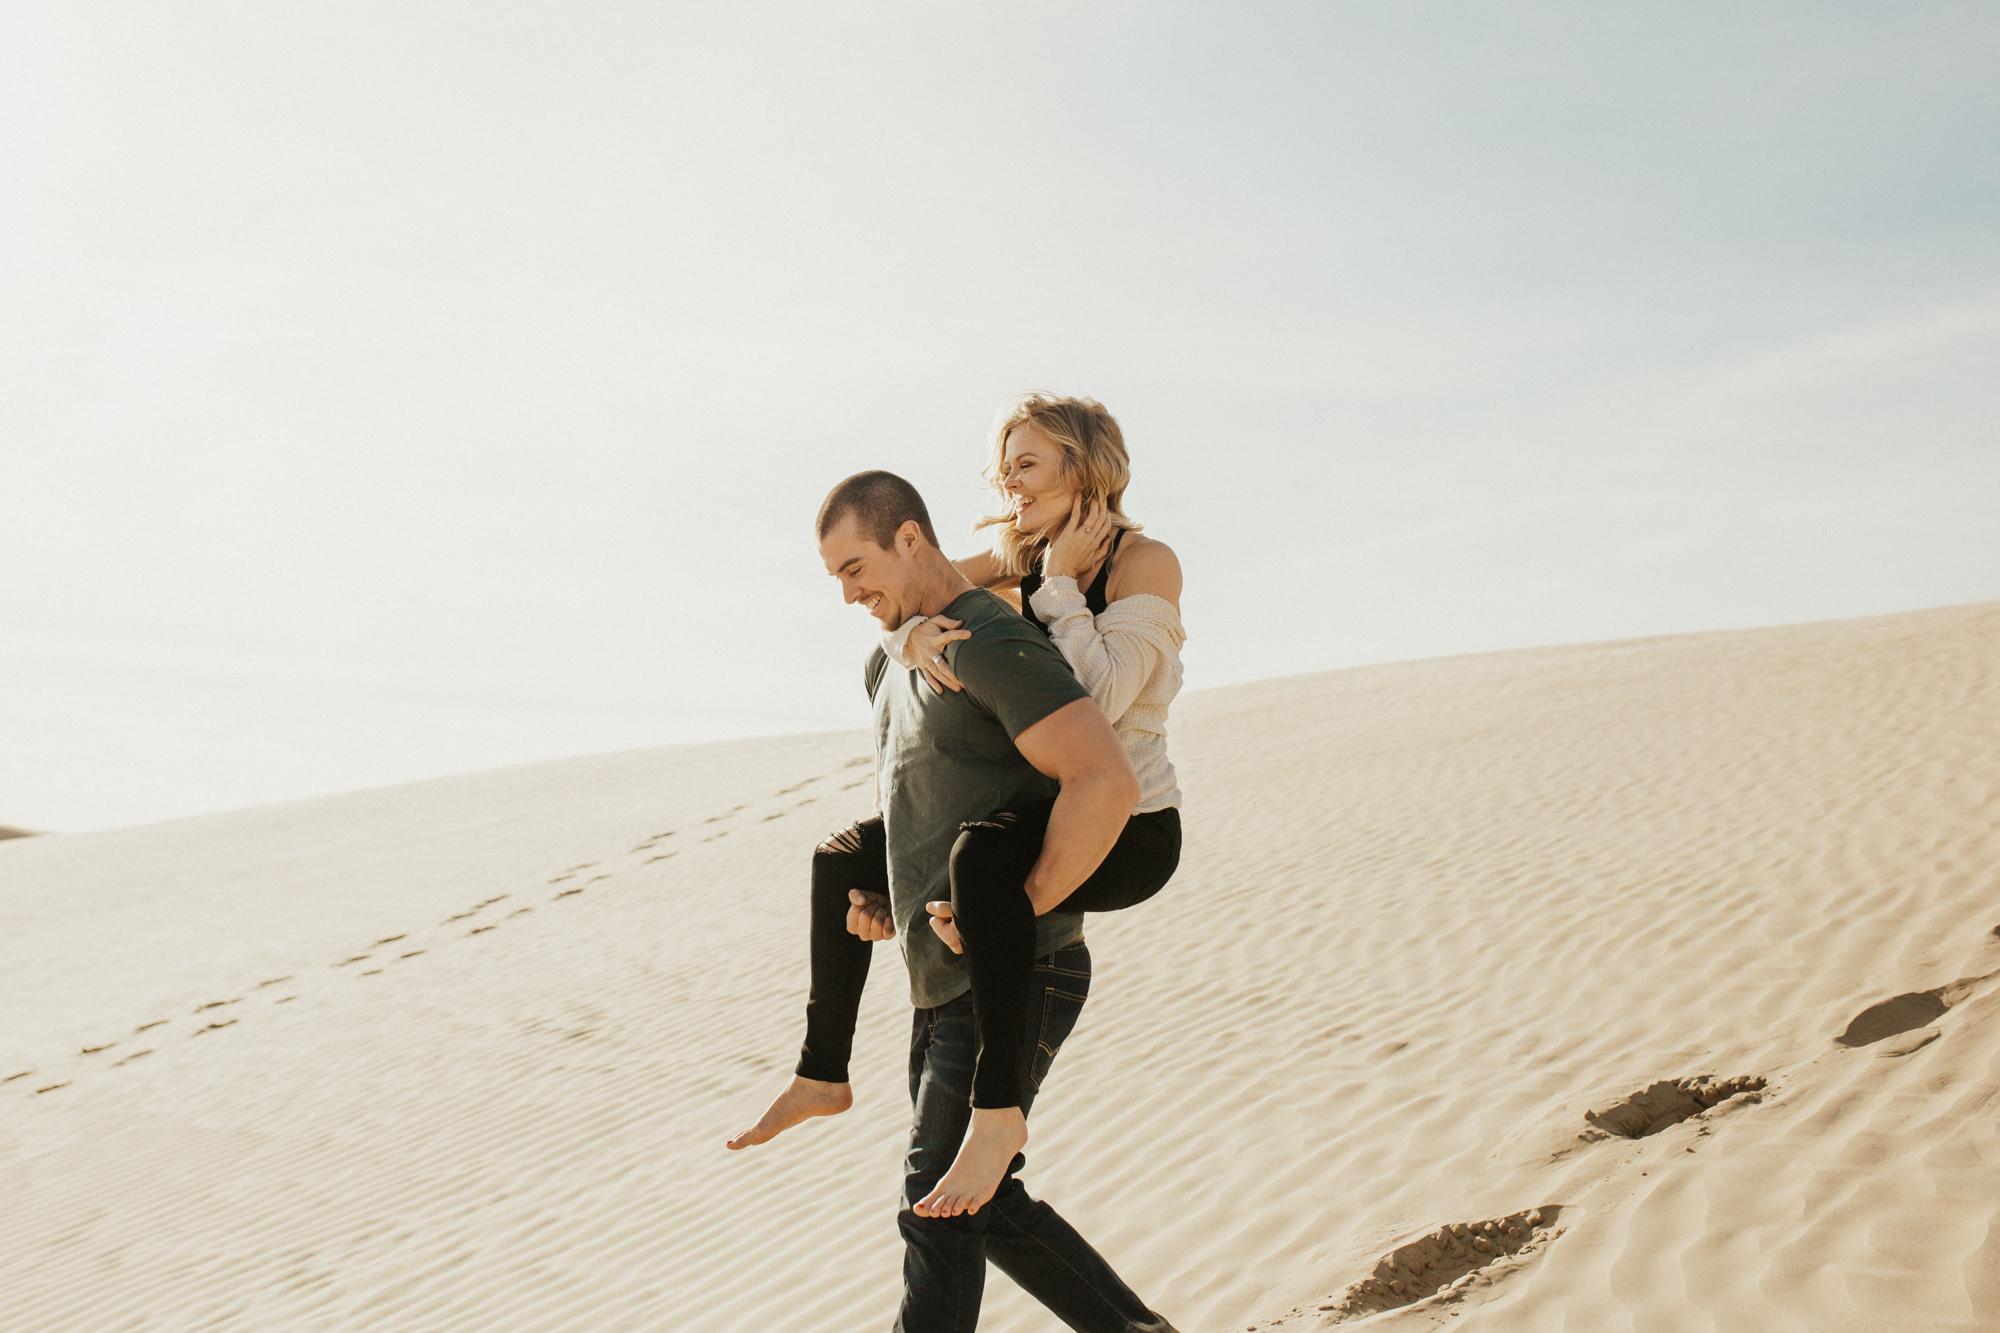 sand dune engagement photoshoot